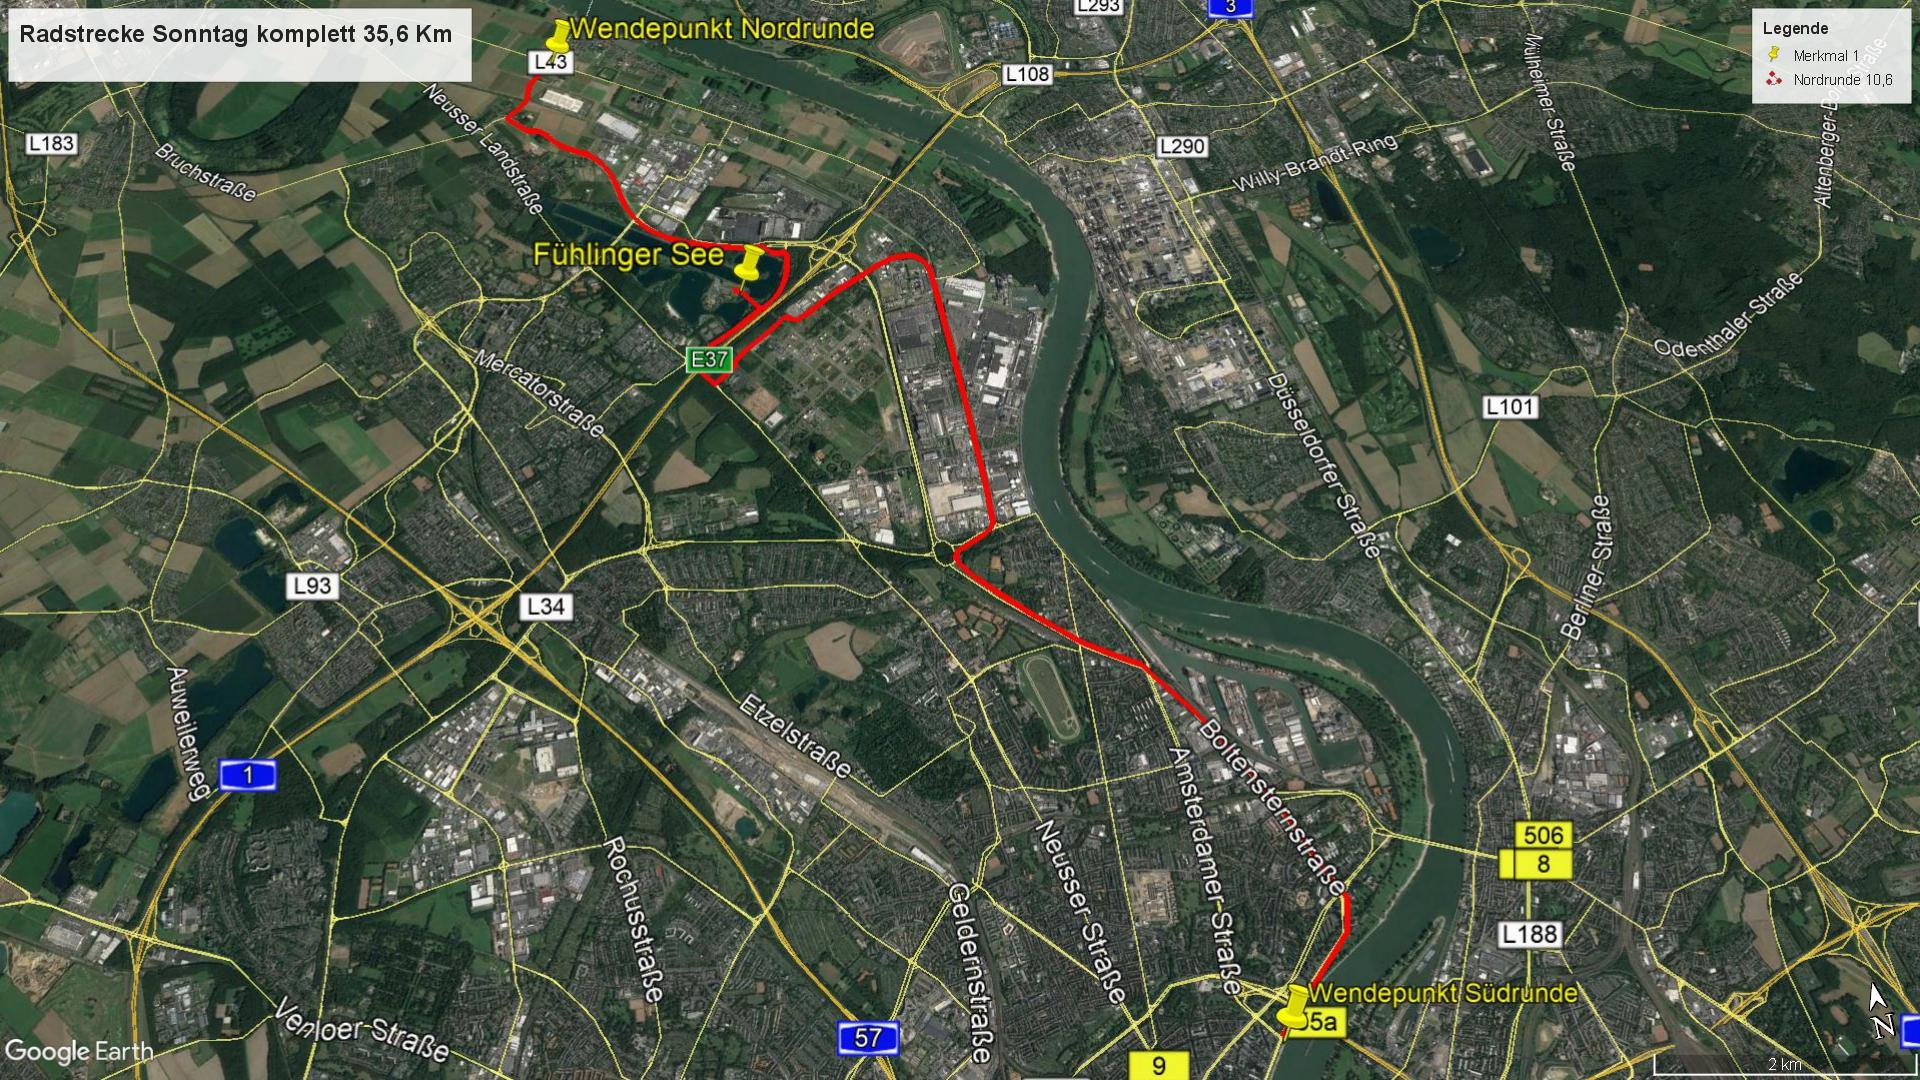 Cologne Triathlon weekend: Cologne226 Course Description